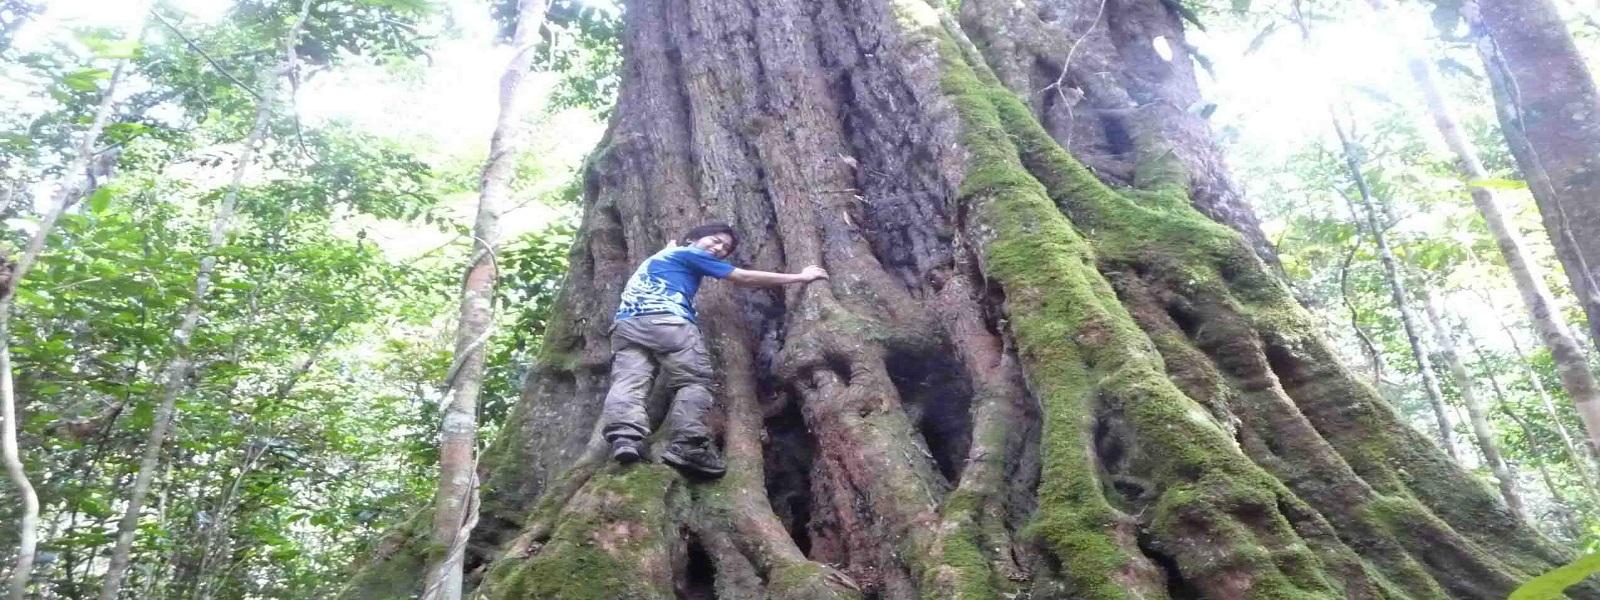 hutan3